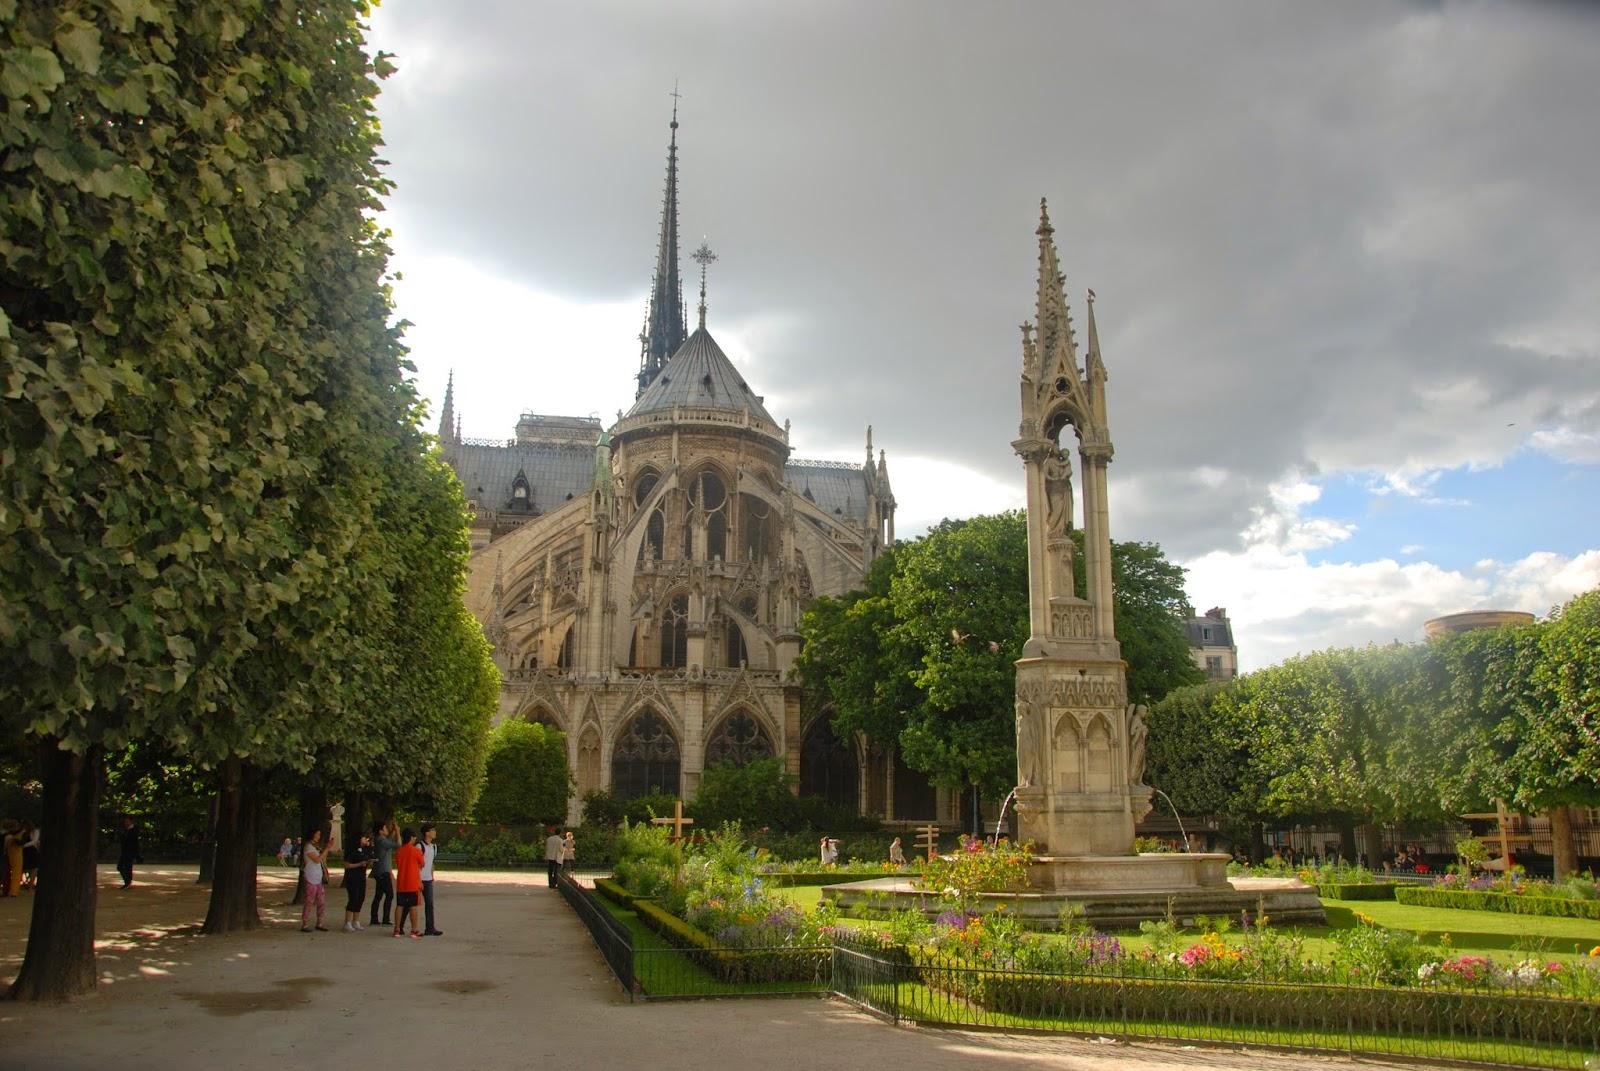 Ábside de la Catedral de Notre Dame, París